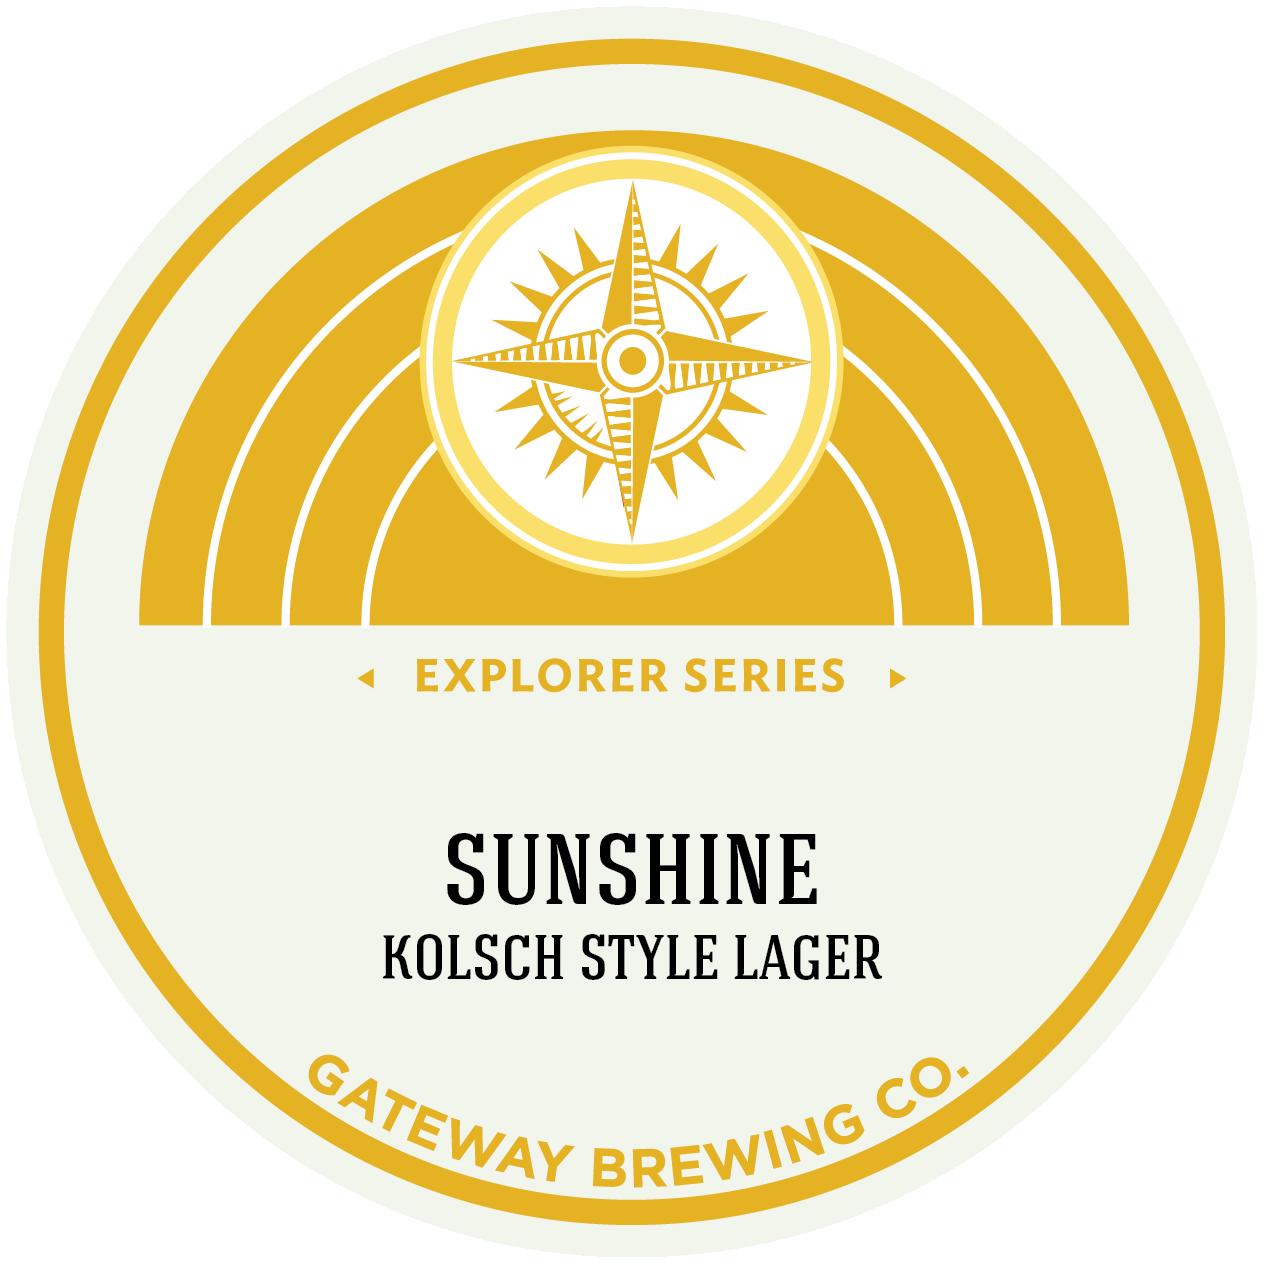 Sunshine Kolsch